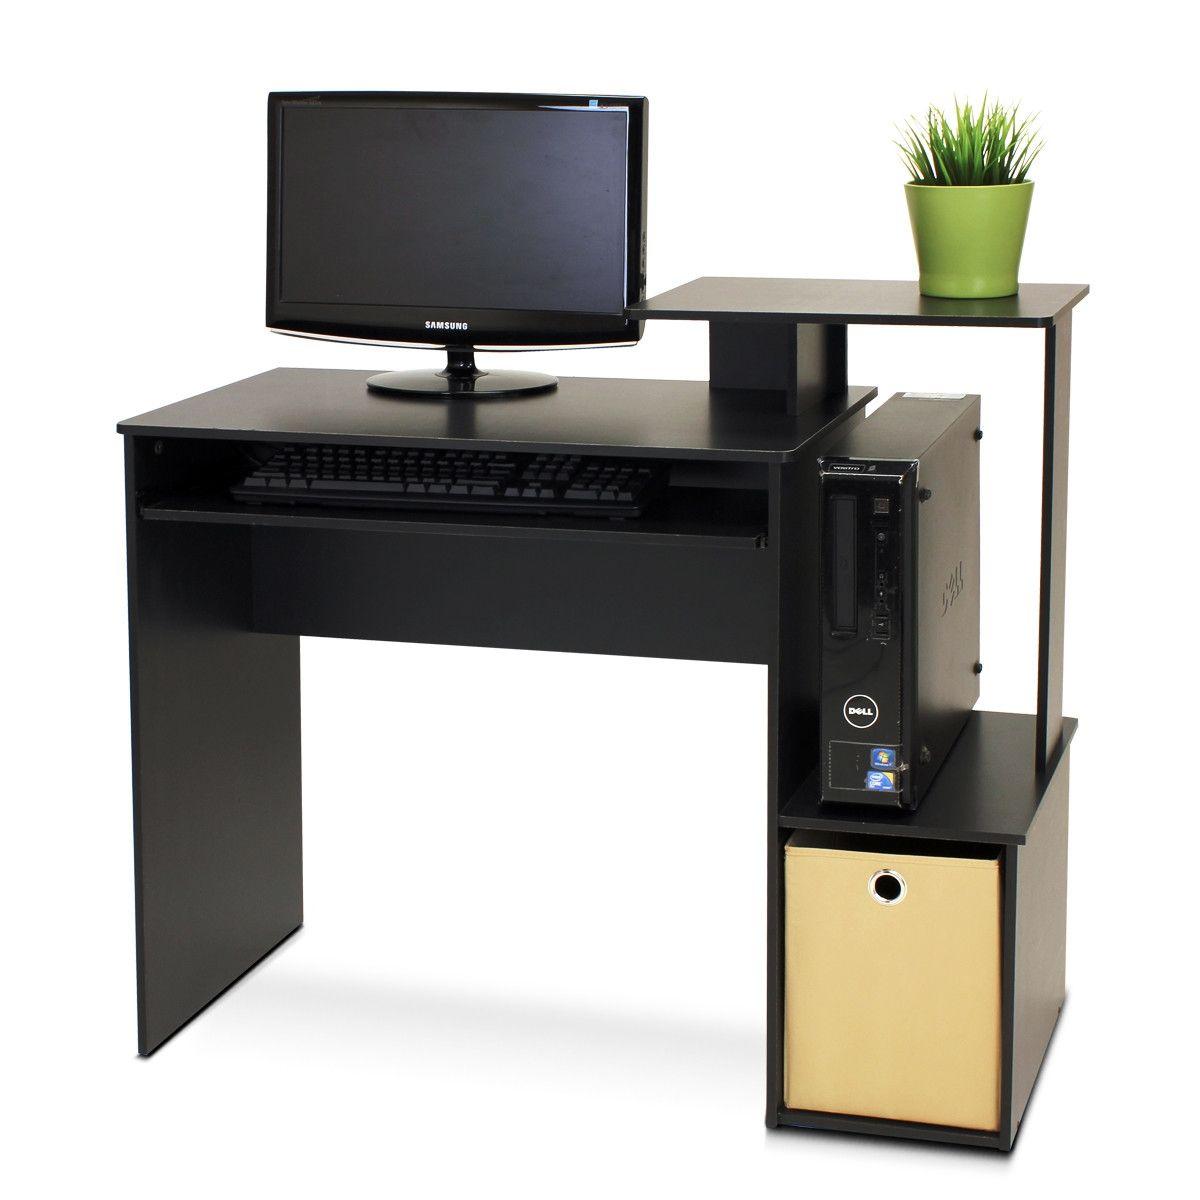 office depot computer desks. Office Depot Computer Tables. Desk Grommets Tables Desks U